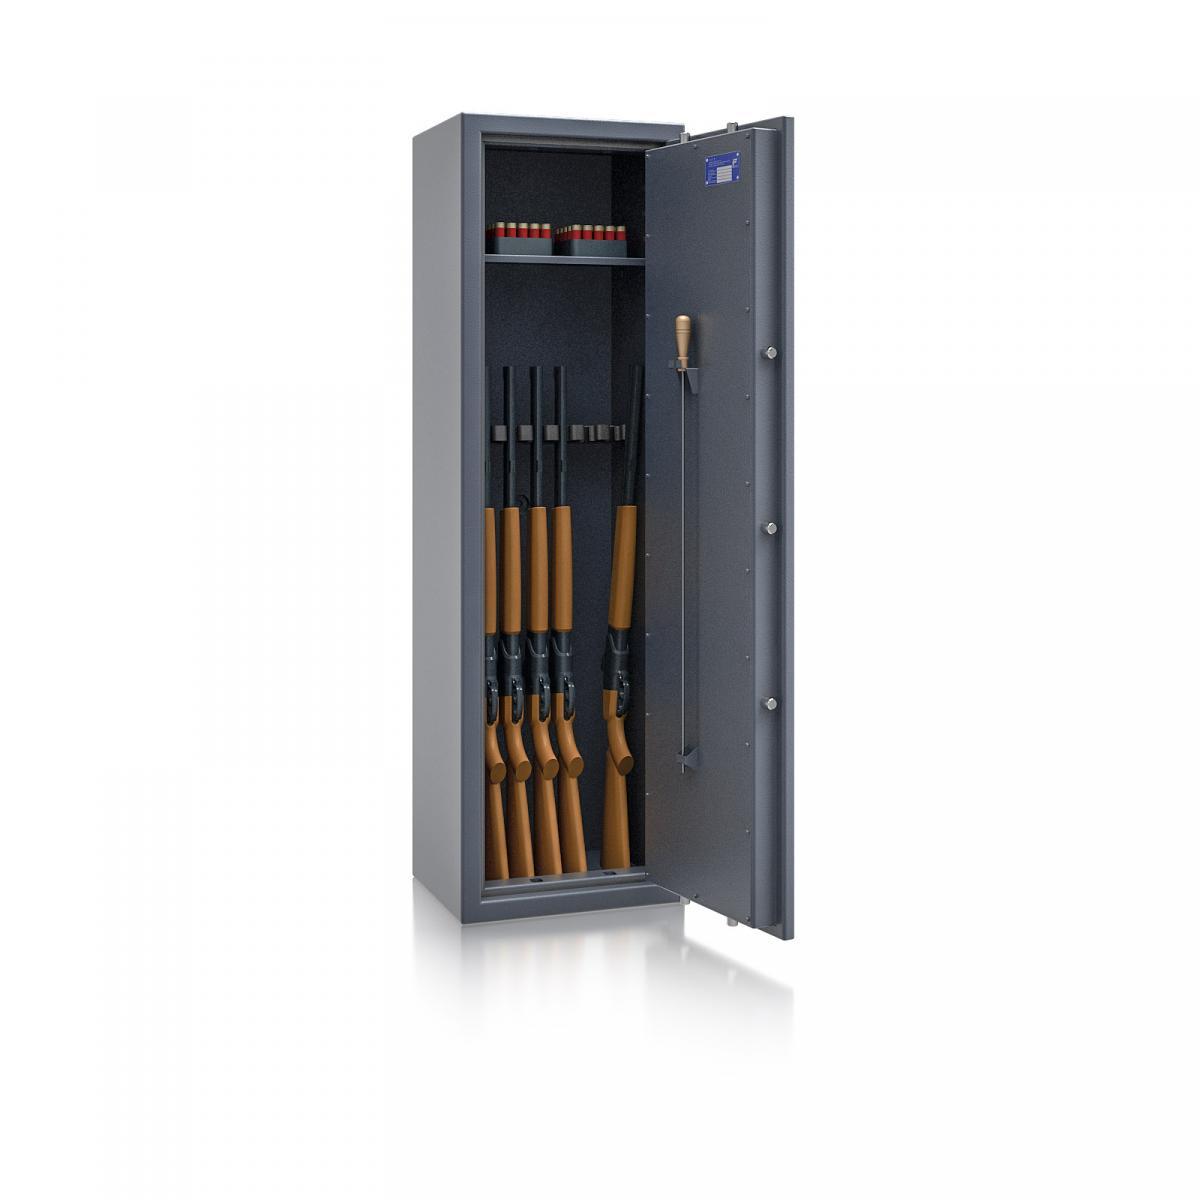 Waffenschrank St. Gallen WF NEW 4 - 1500x450x350 / 150kg 56473 / Klasse I / RAL7024 / Schlüssel / DIN R